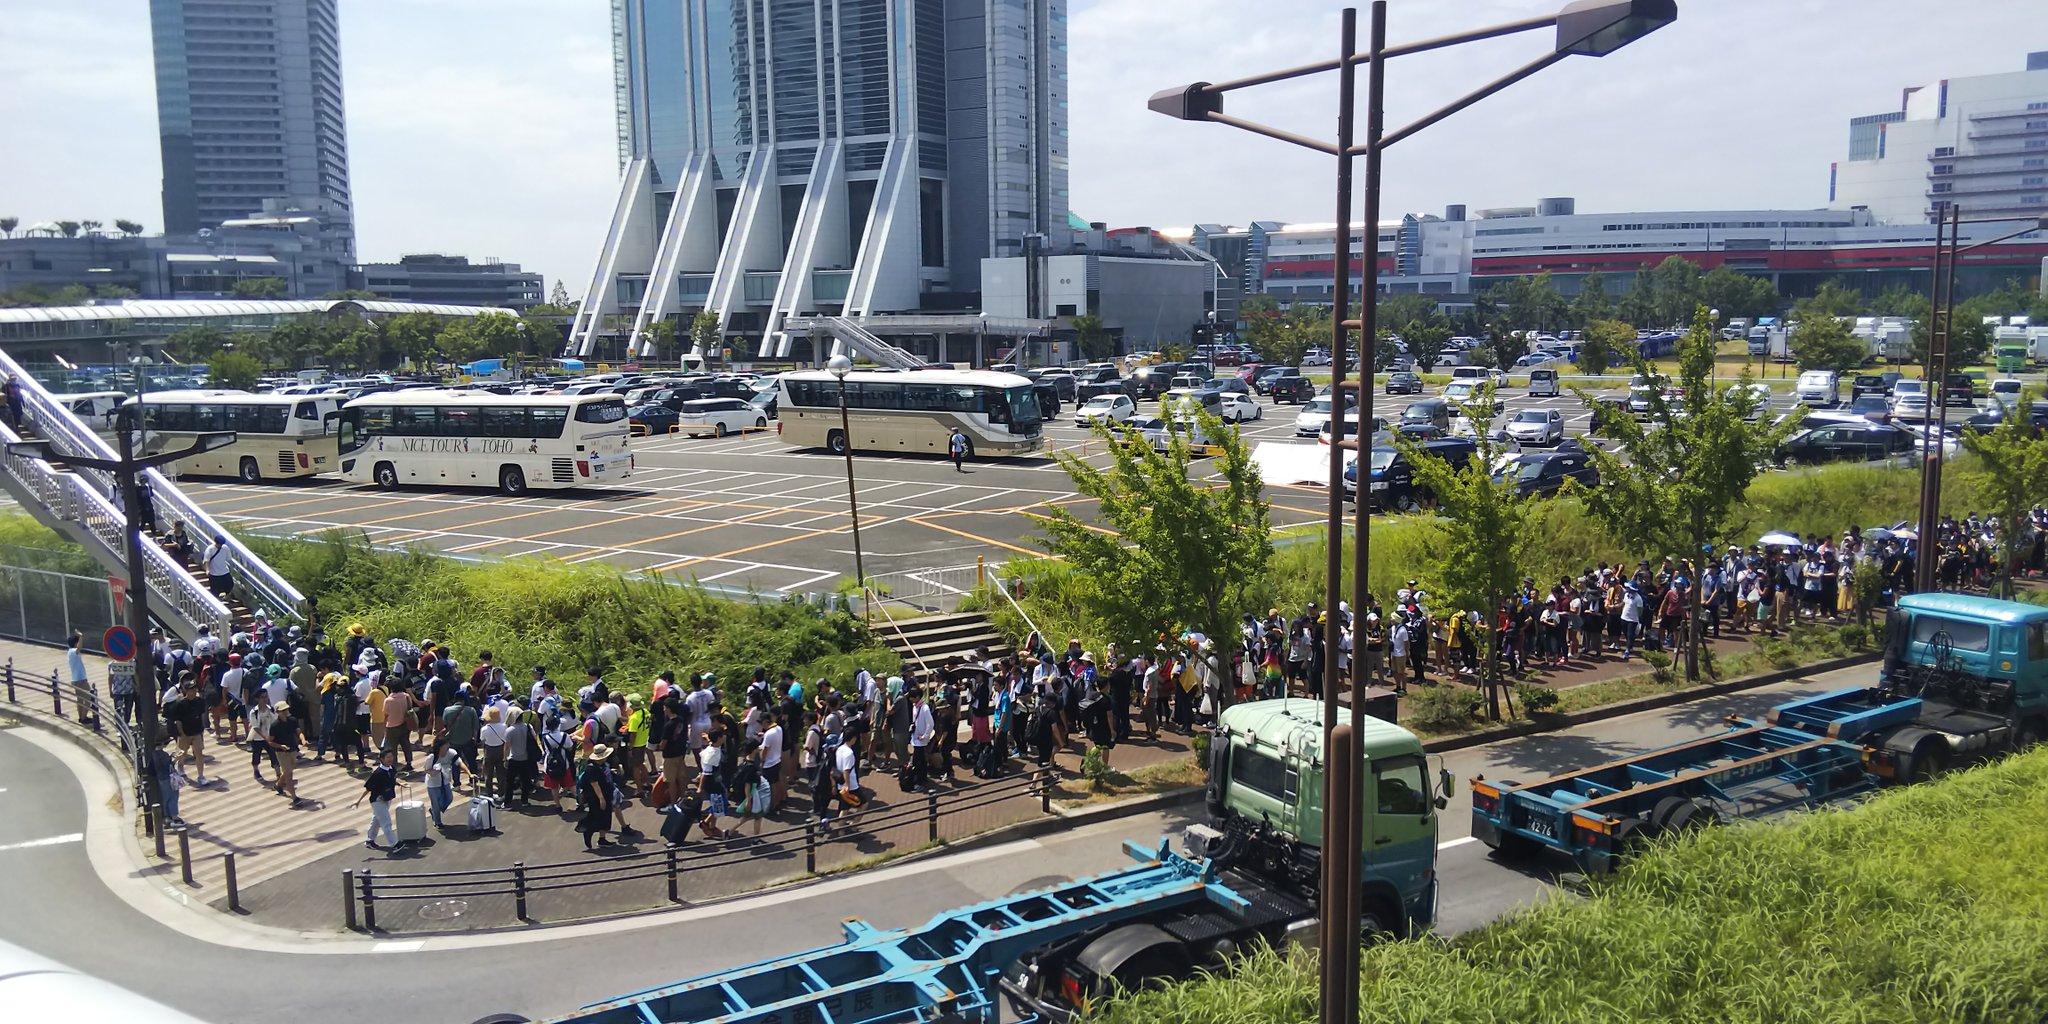 サマソニ大阪のシャトルバスに長蛇の列ができている現場画像